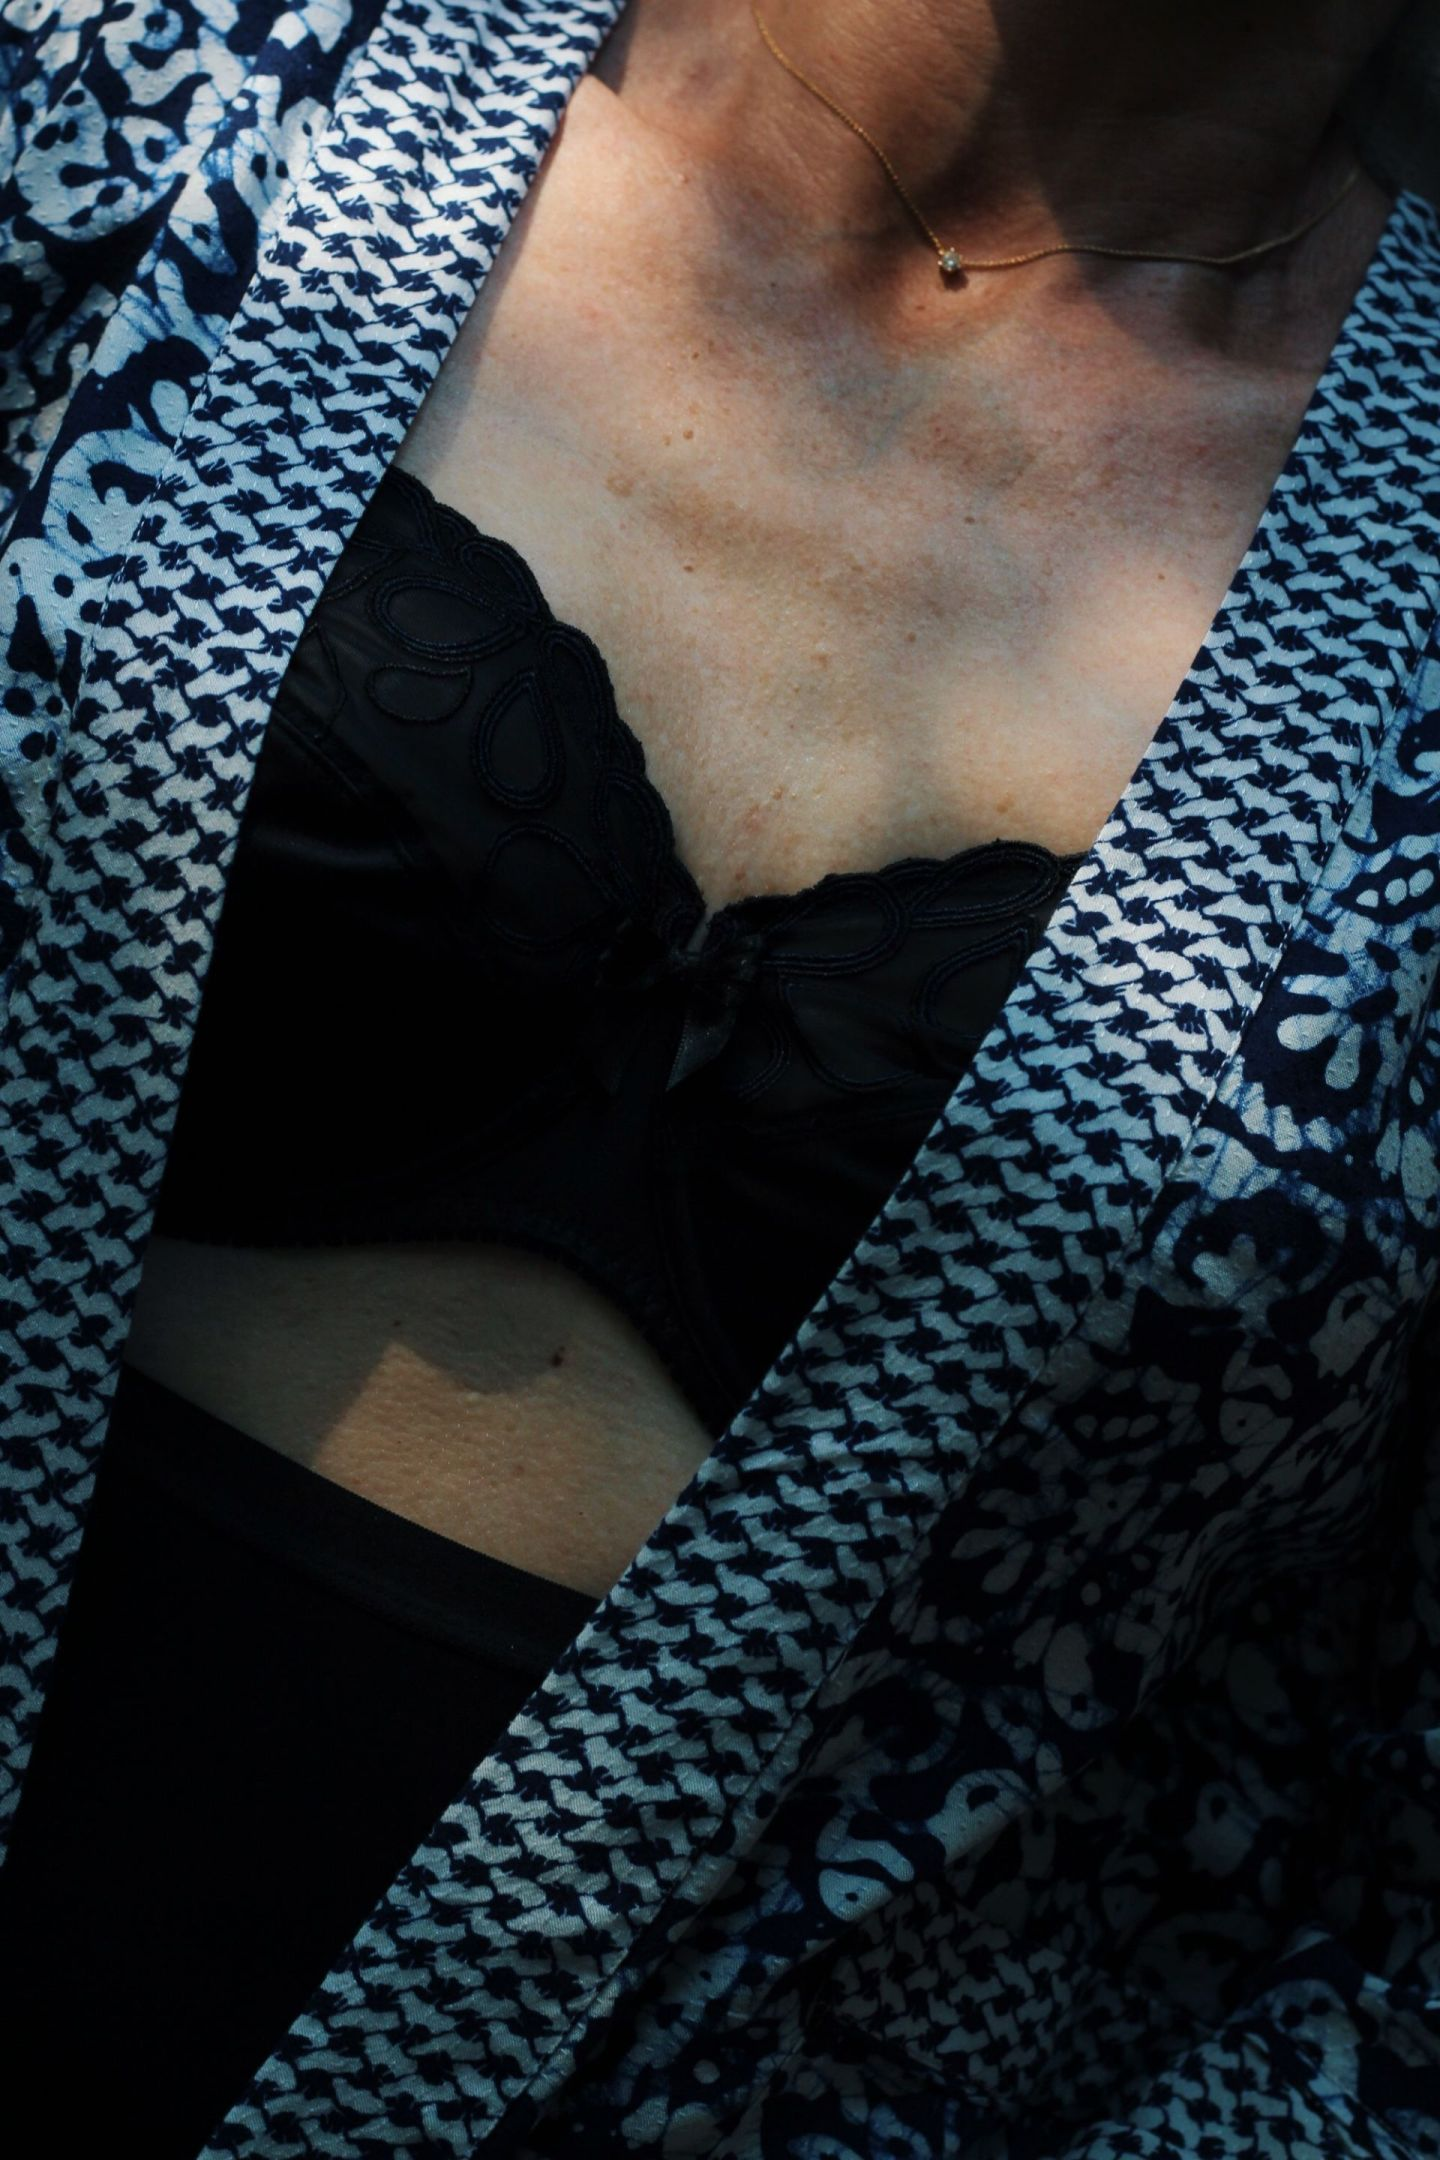 glamupyourlifestyle shapewear miederhoeschen unterwaesche ue-40-blog ue-50-Blog